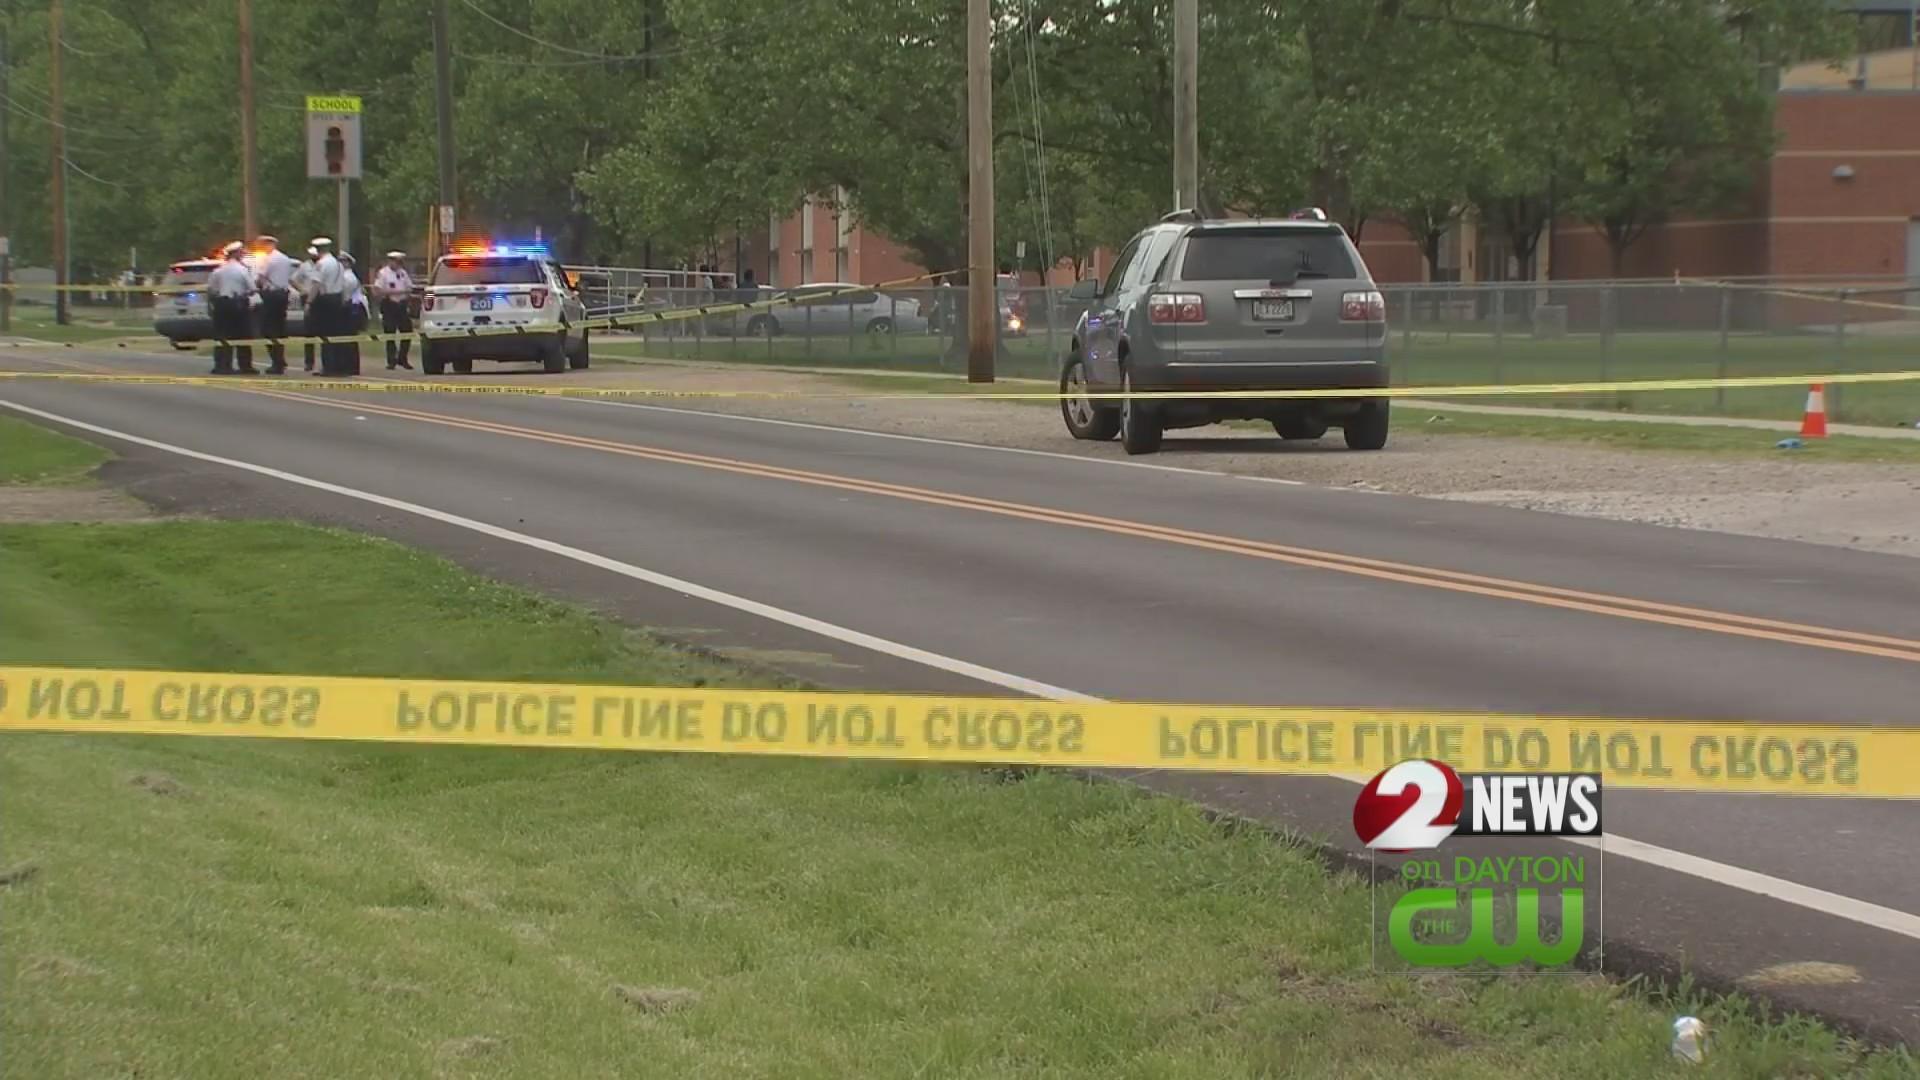 1 teen dead, 1 hurt in shooting near elementary school